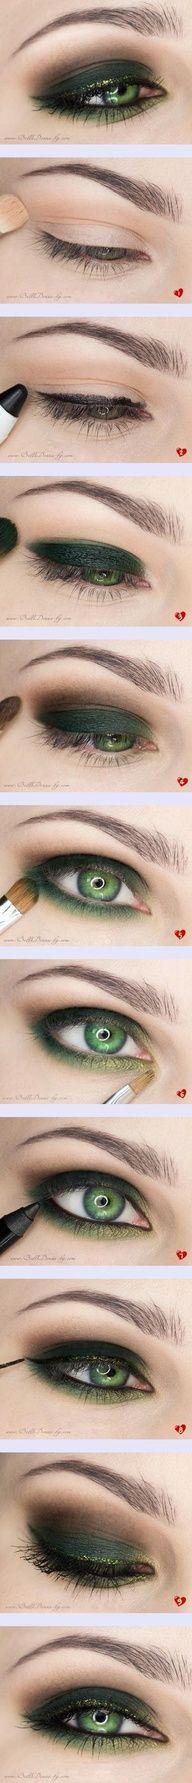 St. Patrick's Day makeup idea